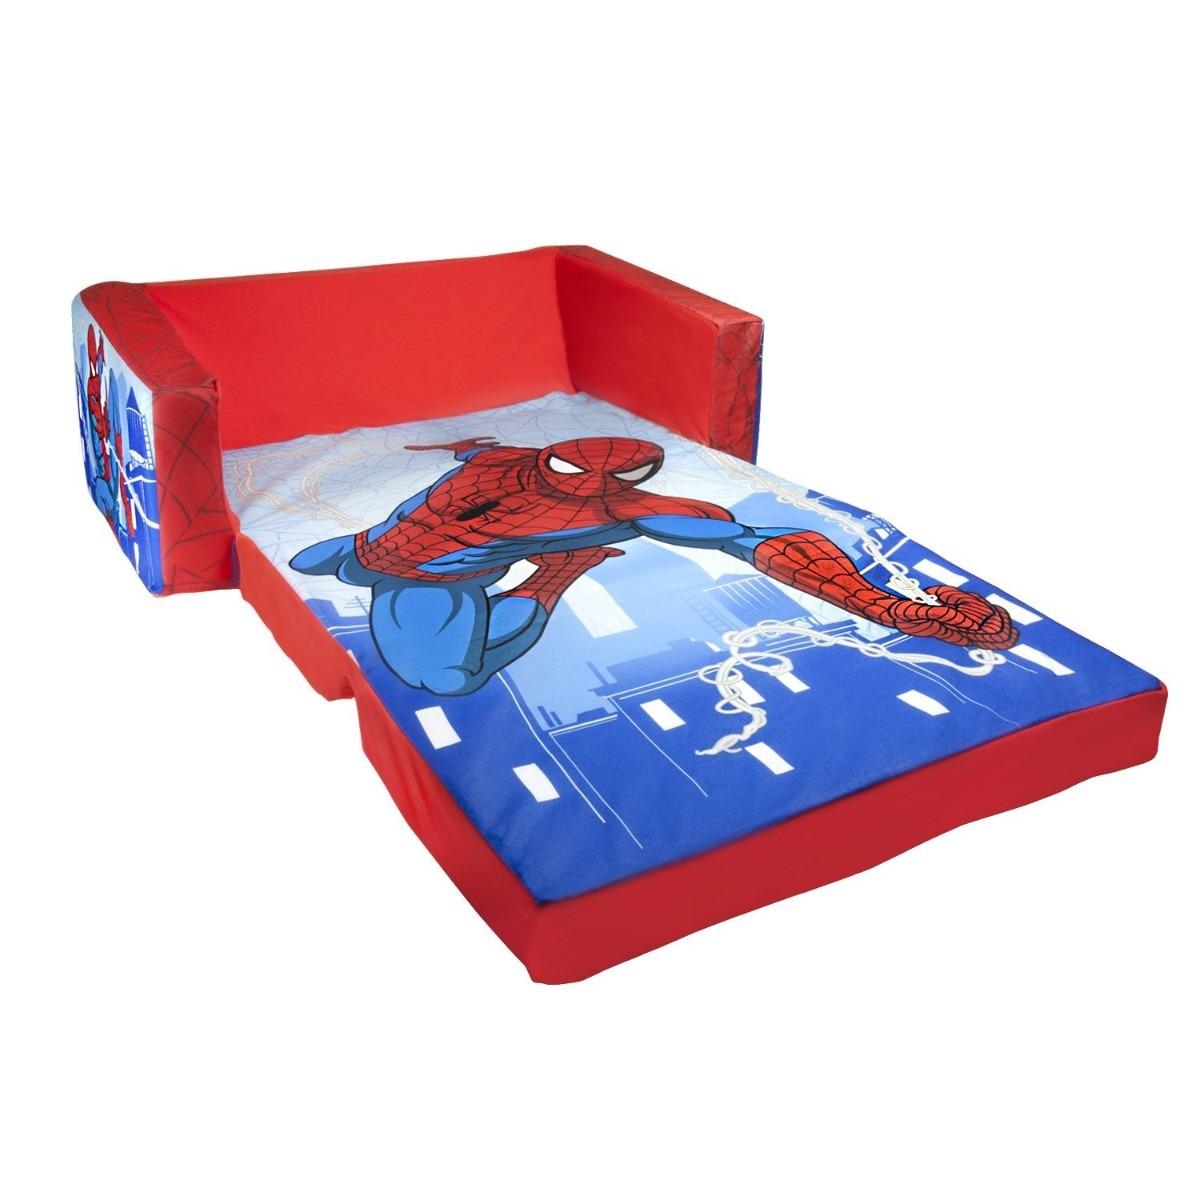 Sofacama sillon para ninos bebe plaza sesamo elmo spider for Sillon sofa cama 1 plaza mercadolibre